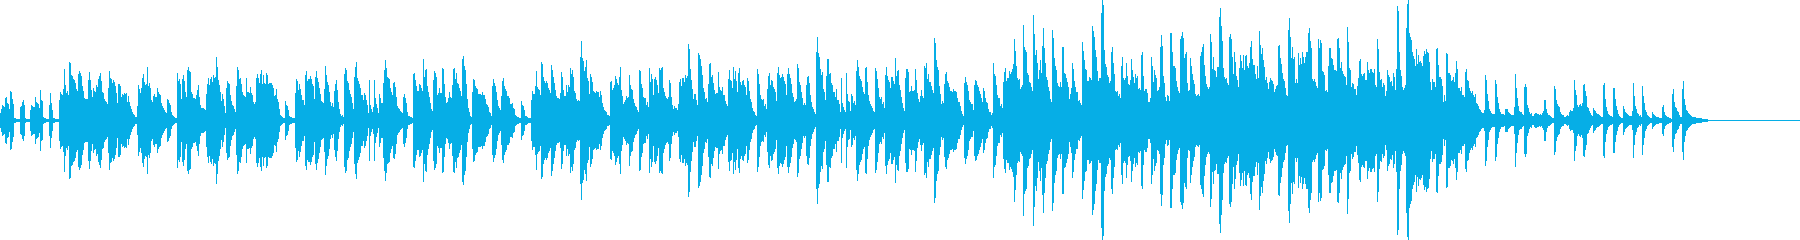 メルヘンなイメージの曲の再生済みの波形